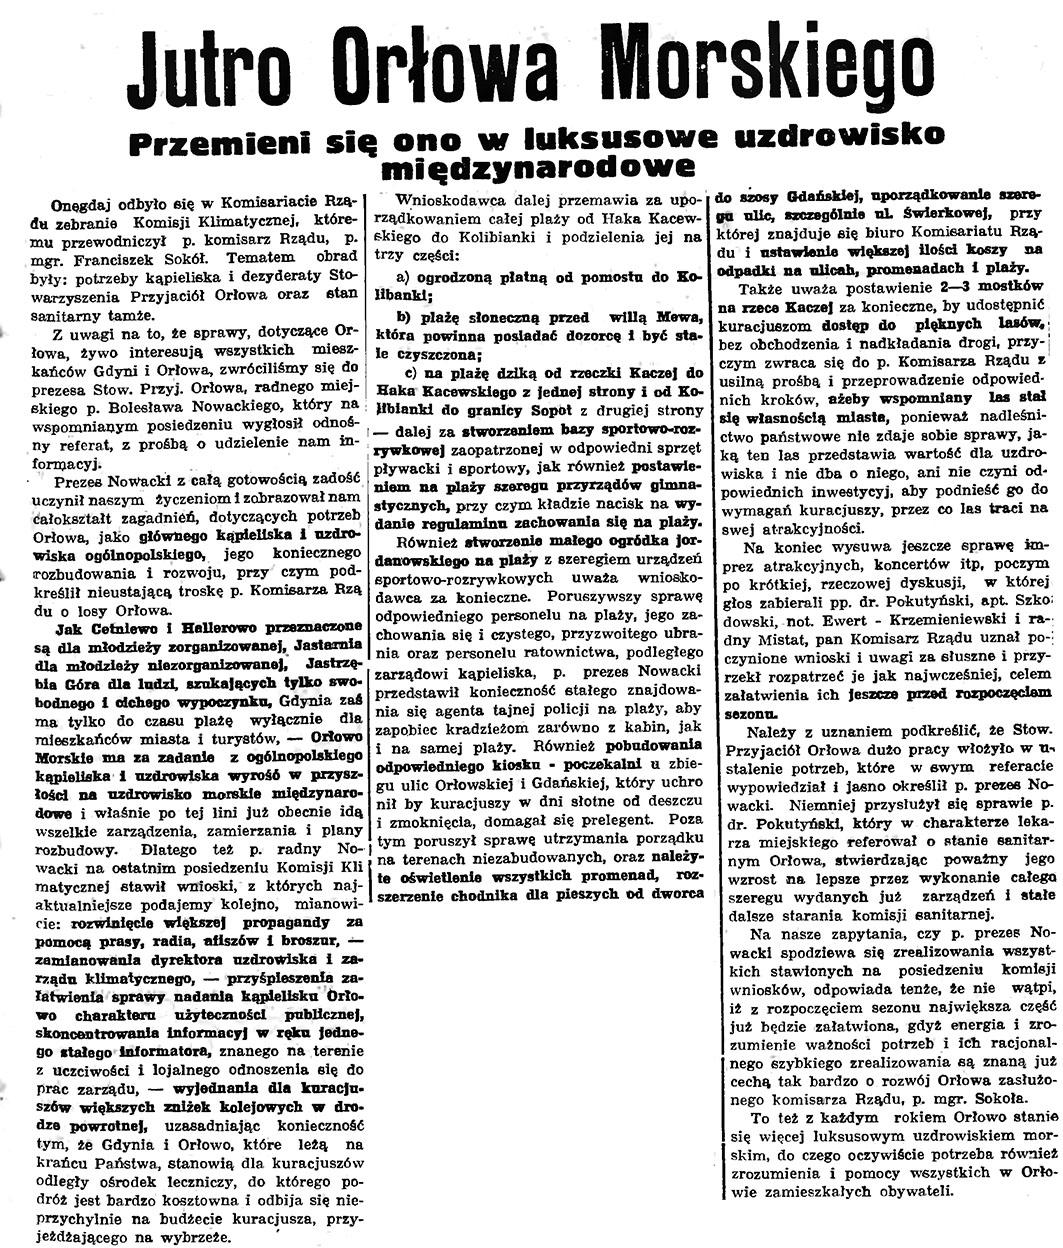 Jutro Orłowa Morskiego. Przemieni się ono w luksusowe uzdrowisko międzynarodowe // Gazeta Gdańska. - 1937, nr 123, s. 9